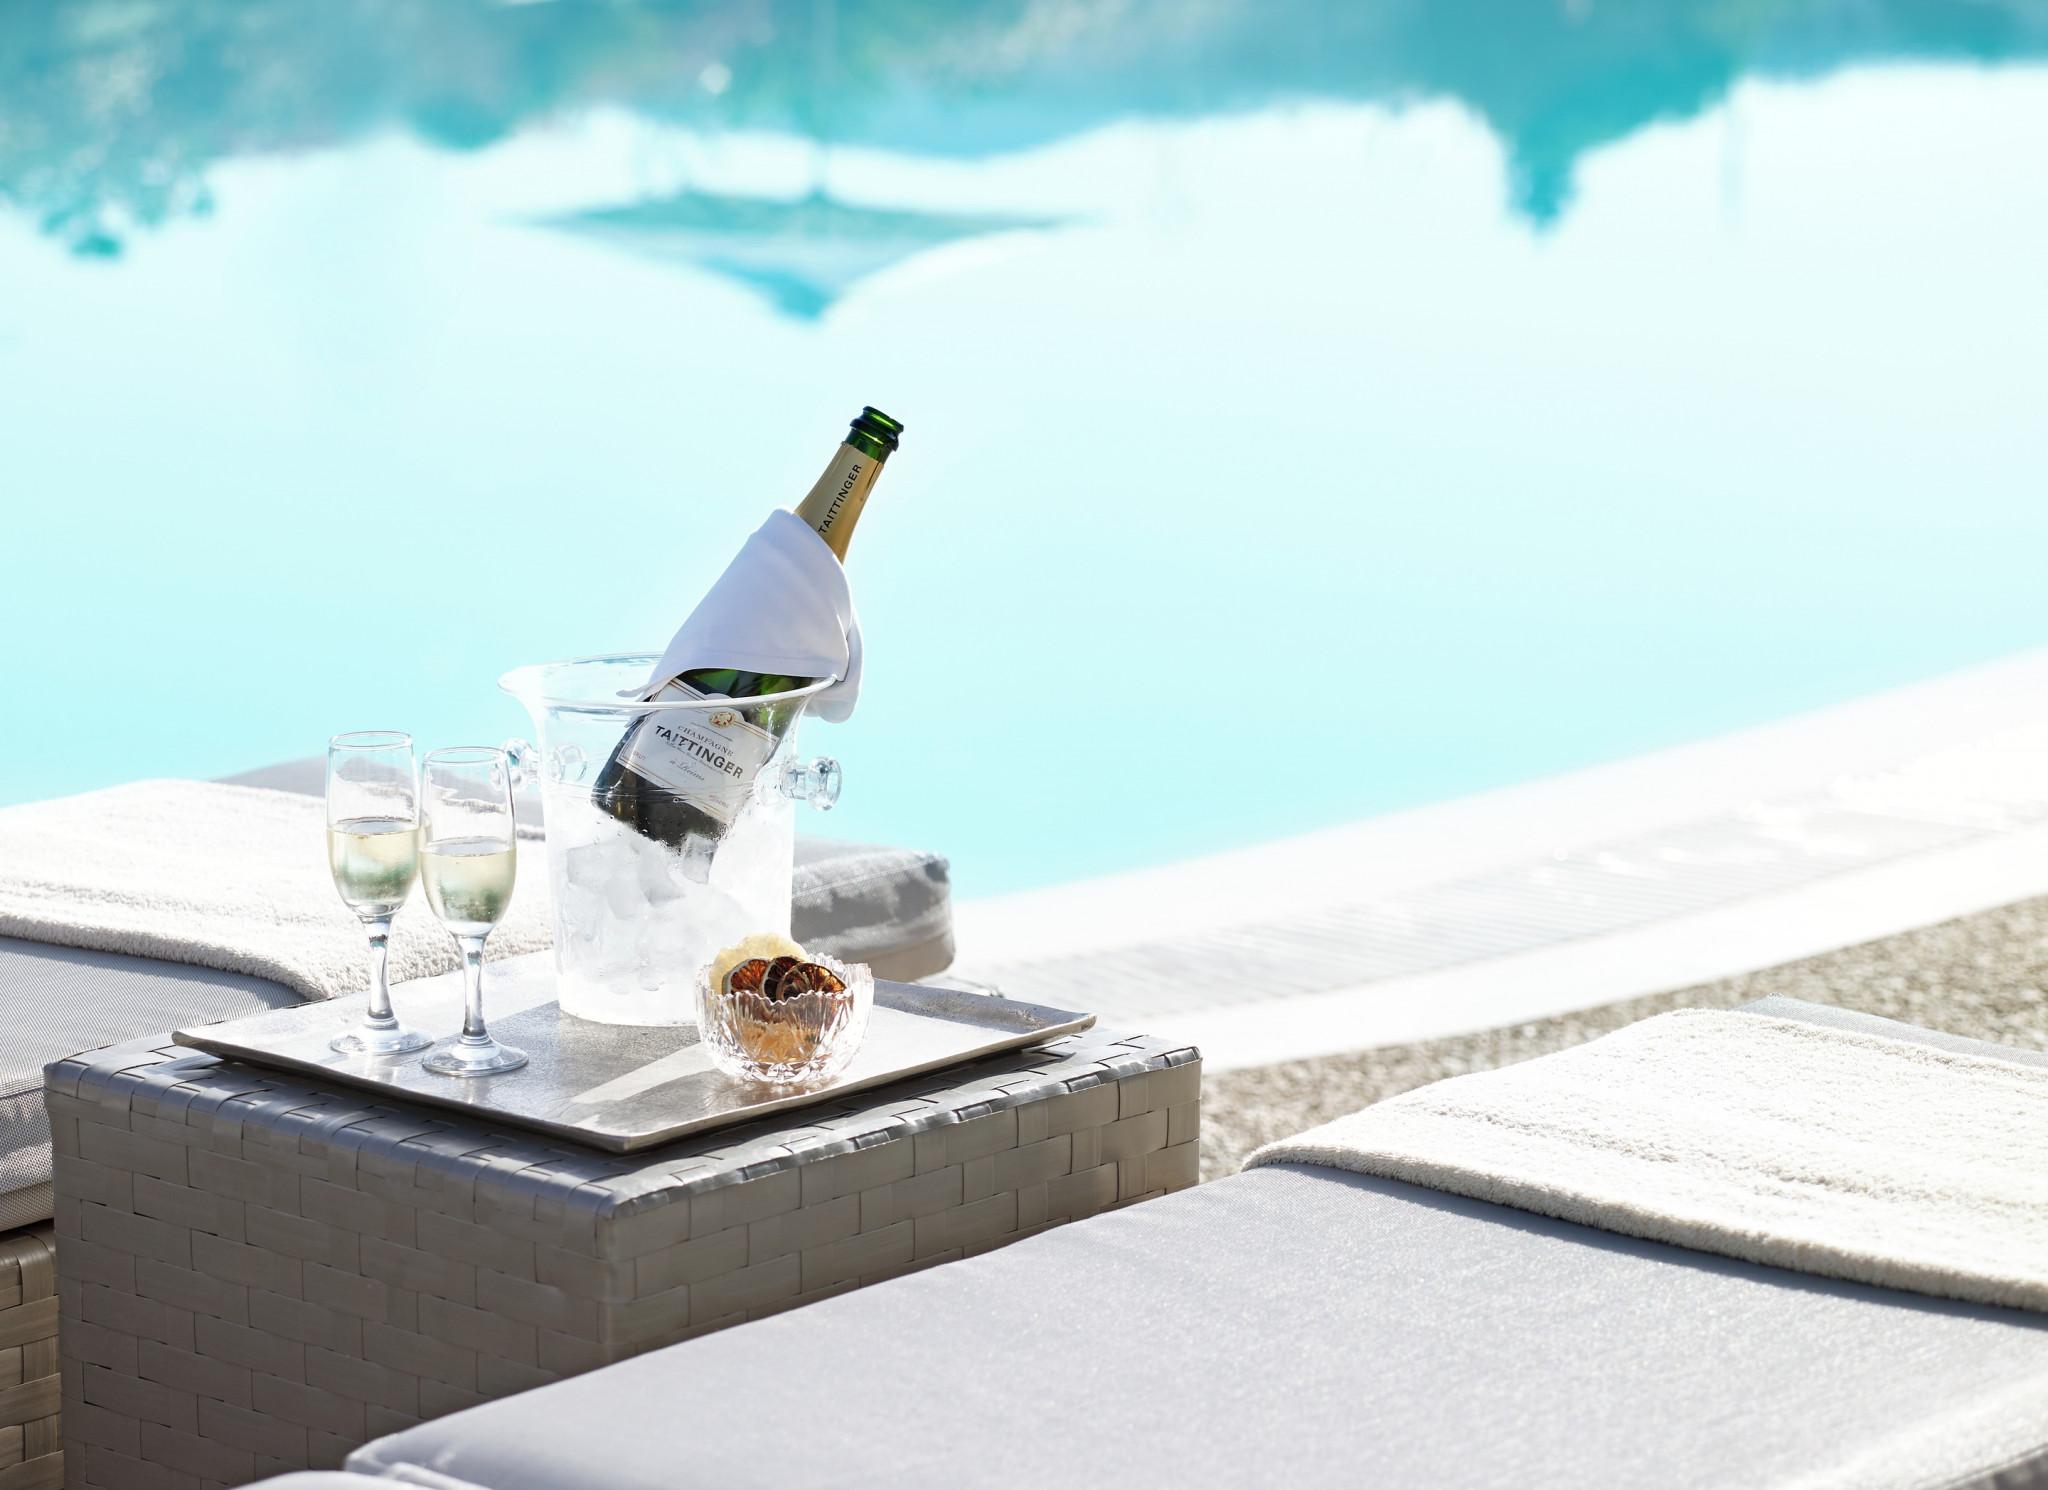 Evasion : Ikos ouvre un nouvel hôtel de luxe en Andalousie, et on en rêve déjà - 2